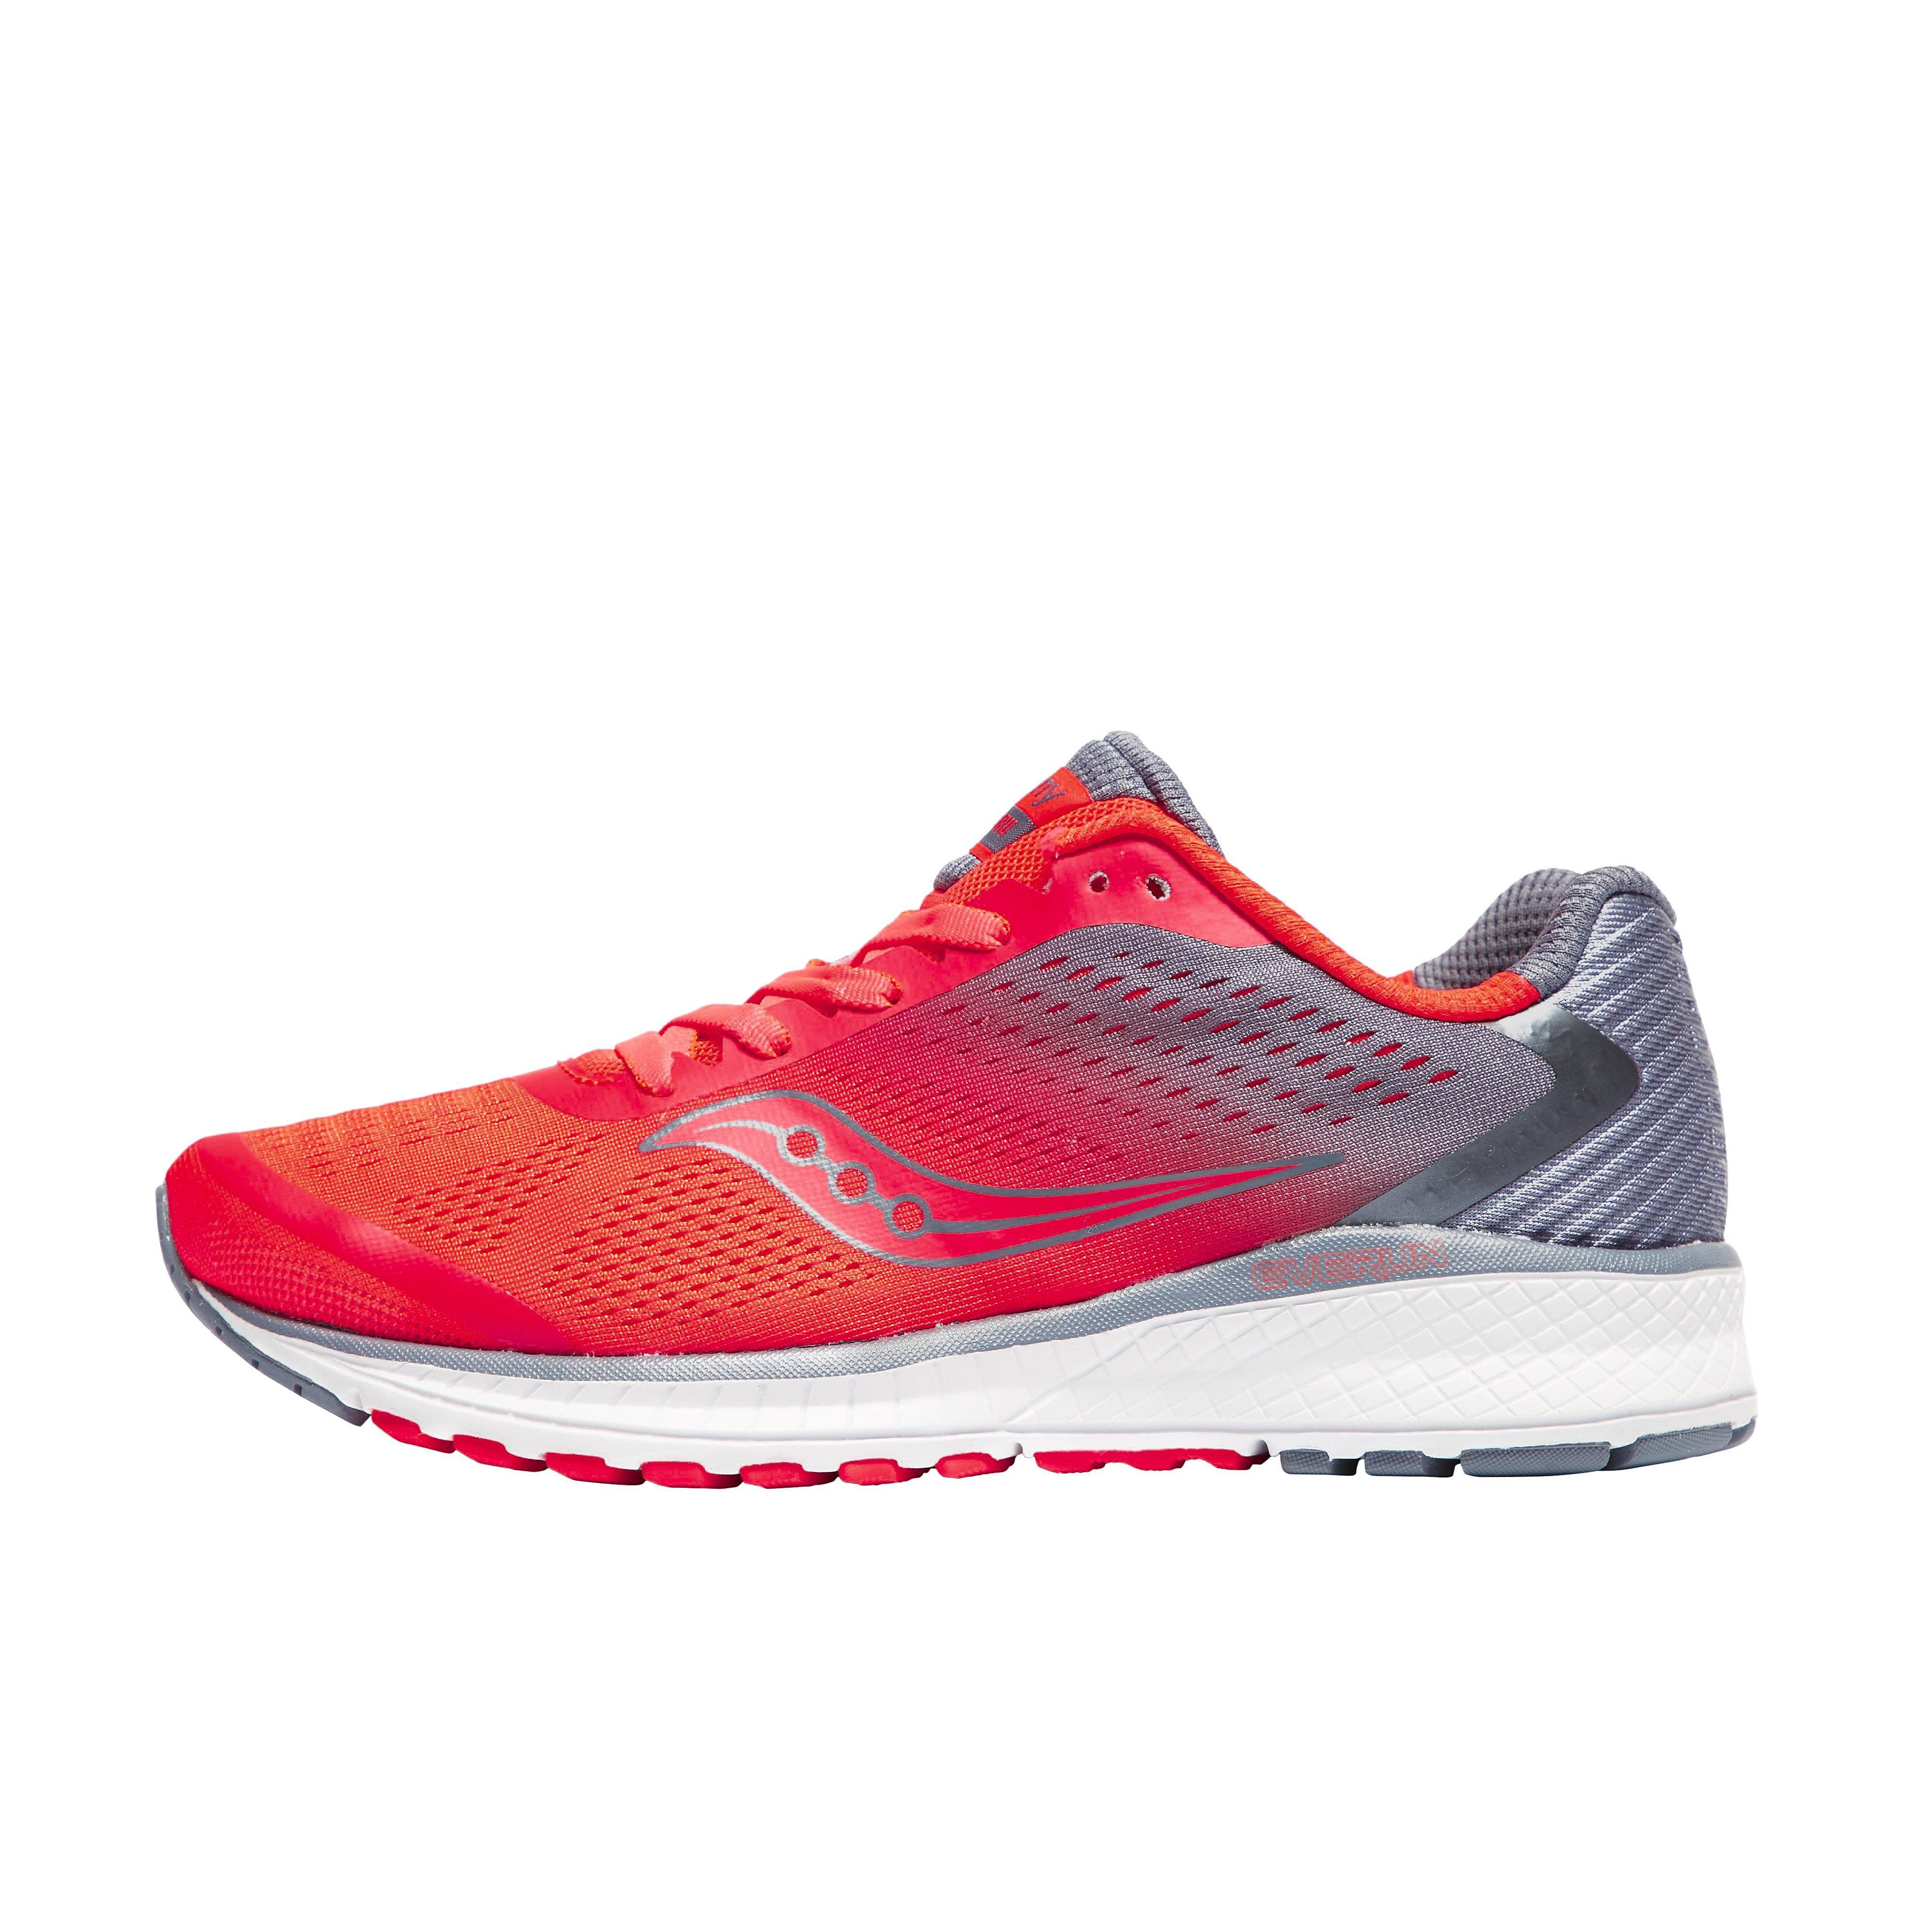 Saucony Breakthru 4 Men's Running Shoes